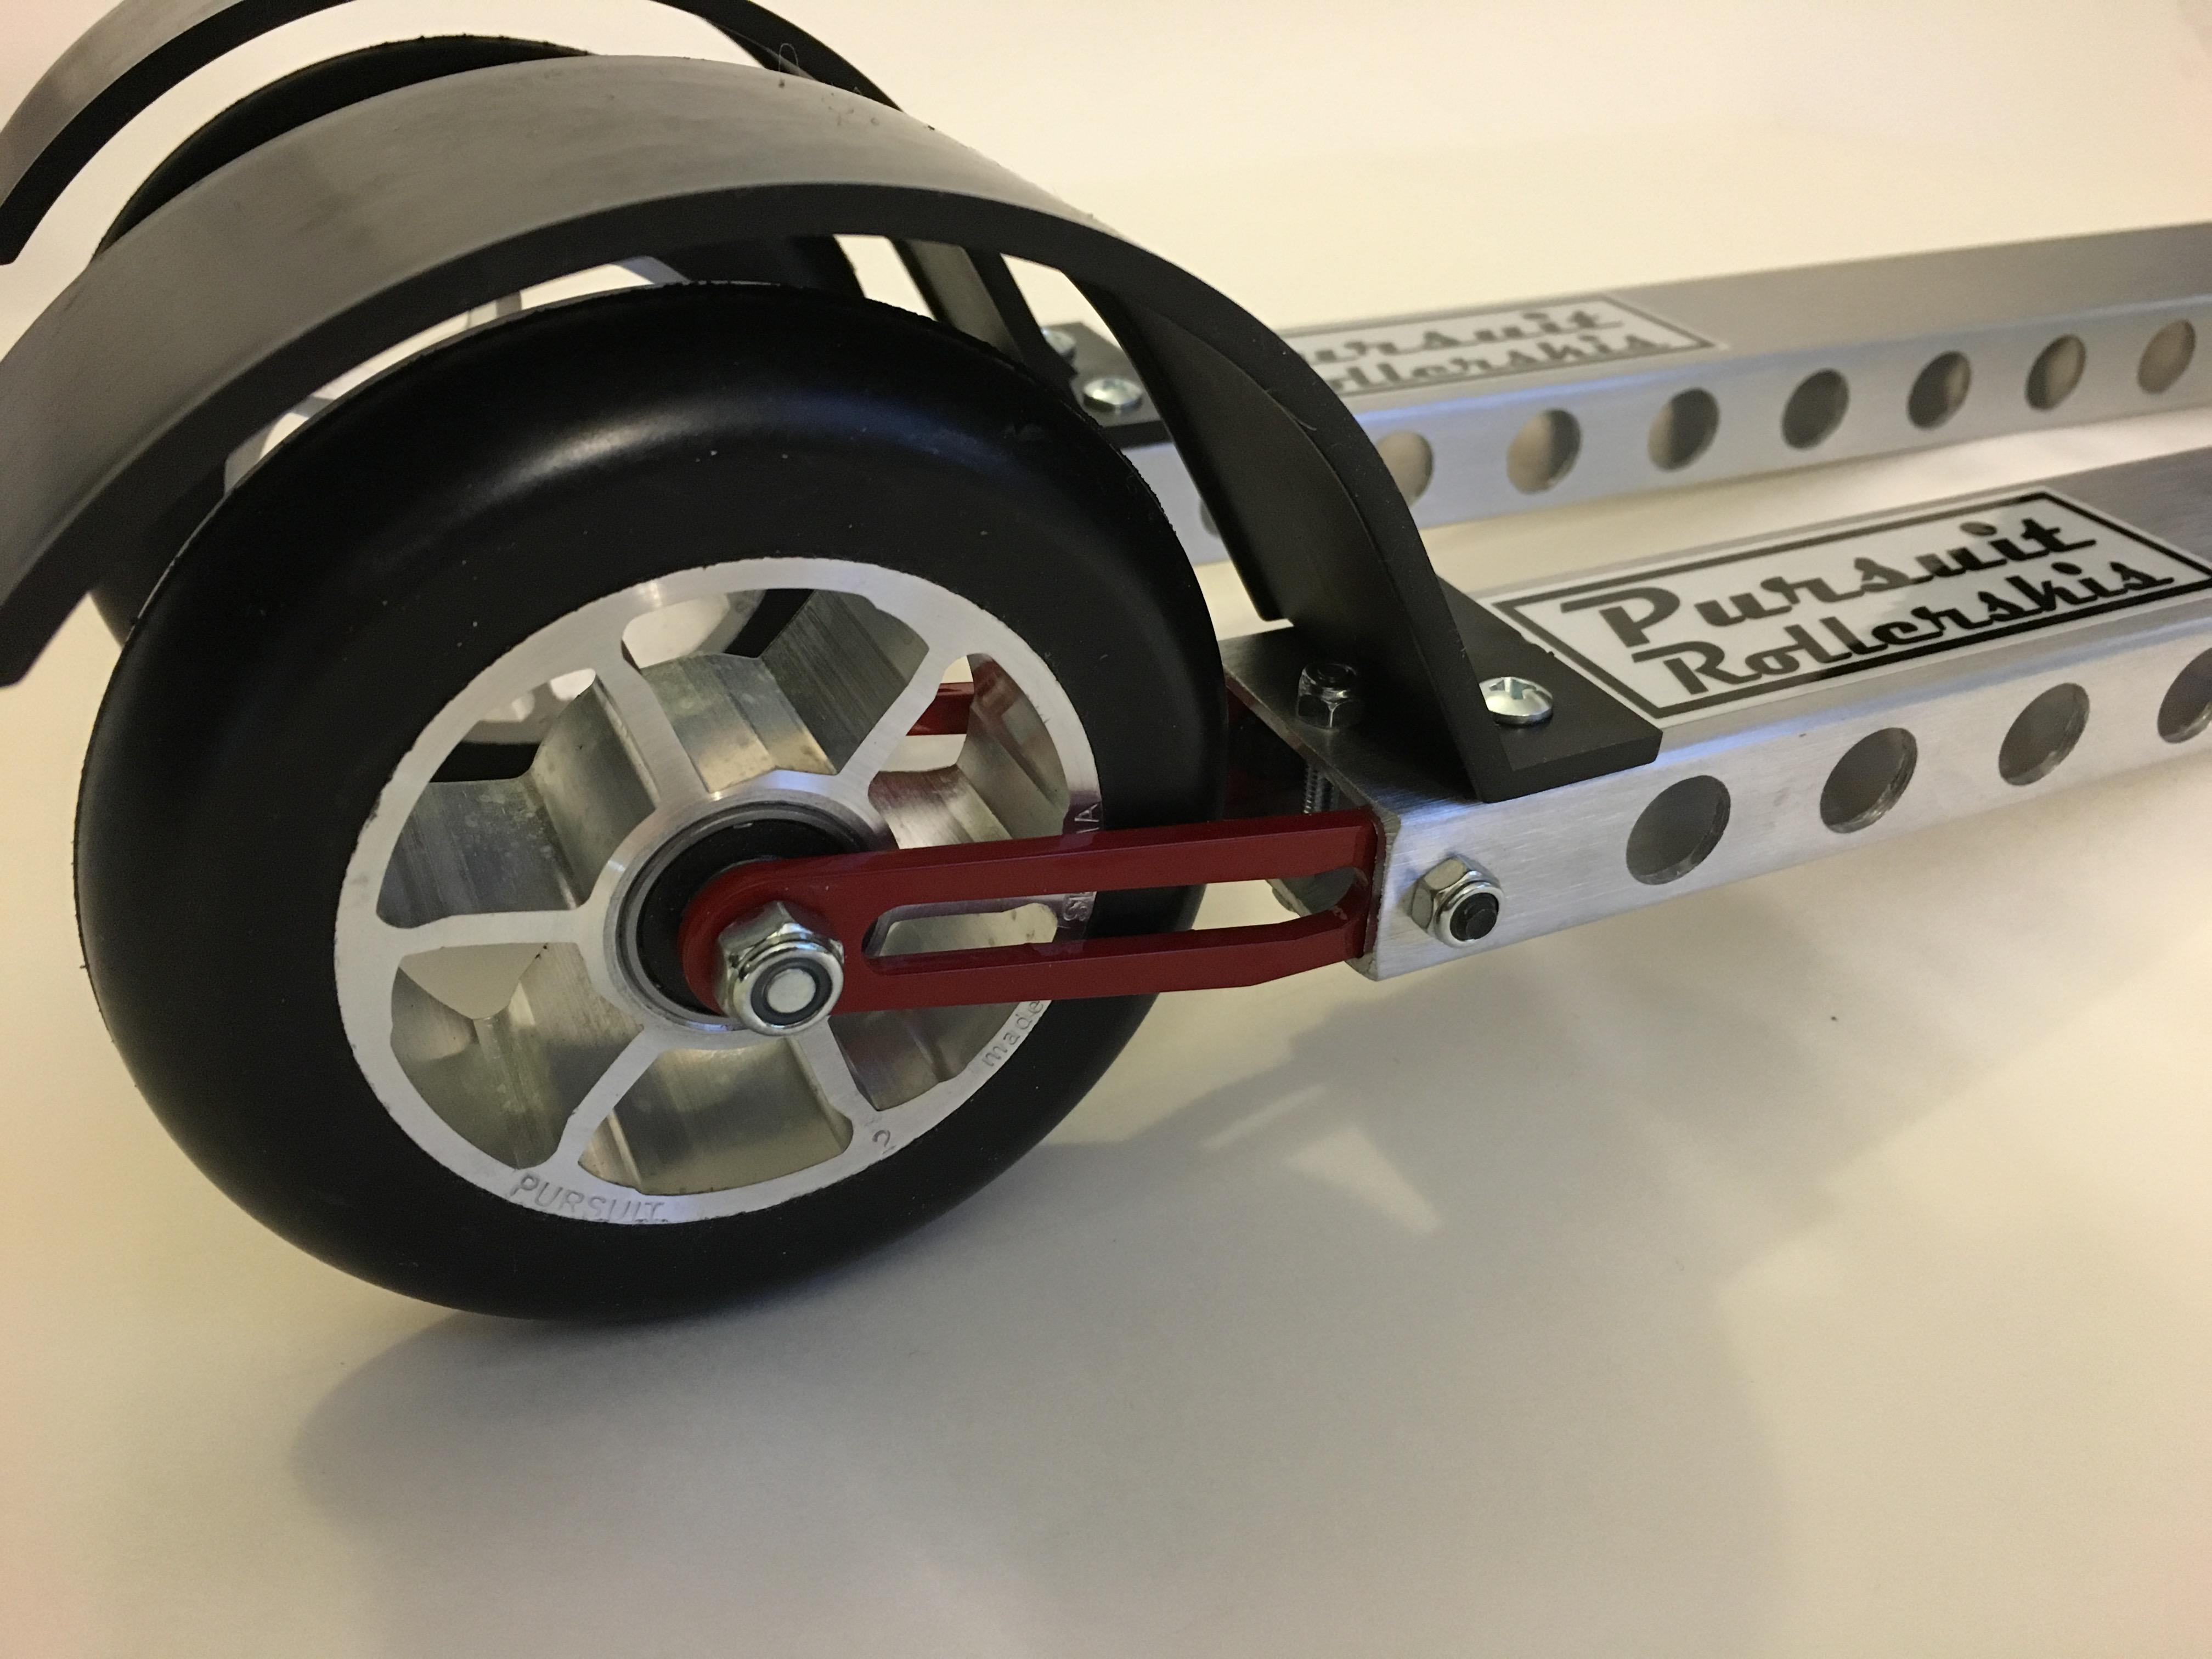 Fork Flex Inspiration - Pursuit Rollerskis